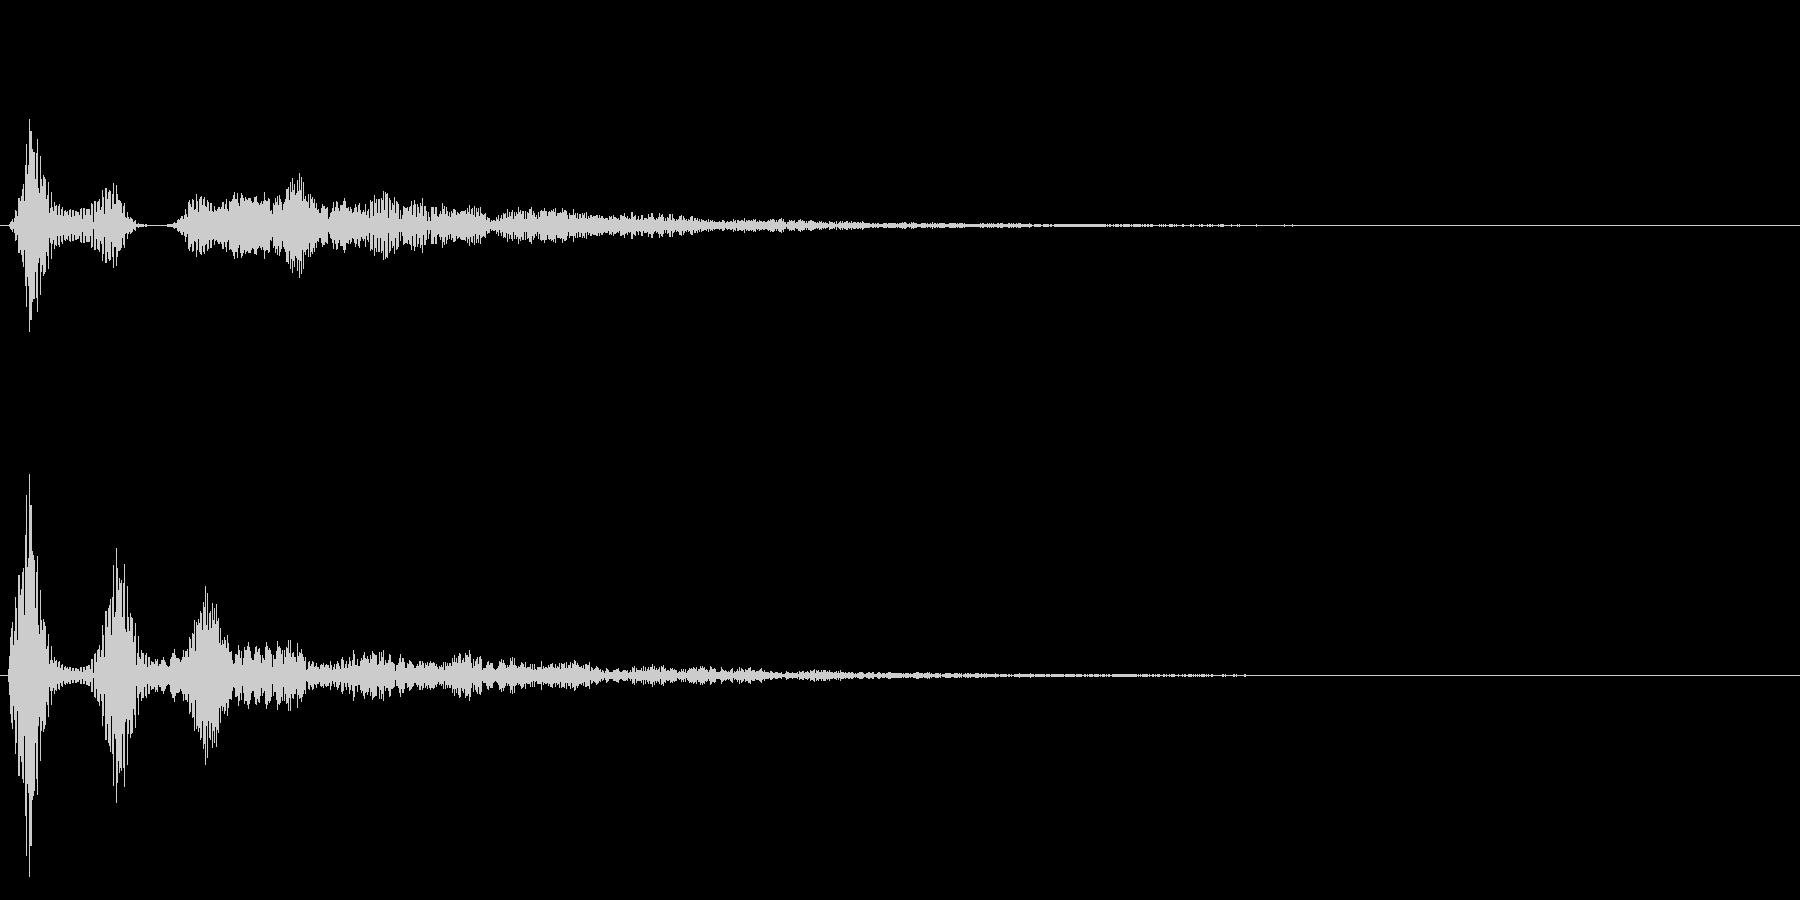 決定音/シンプル/シンセサイザーの未再生の波形